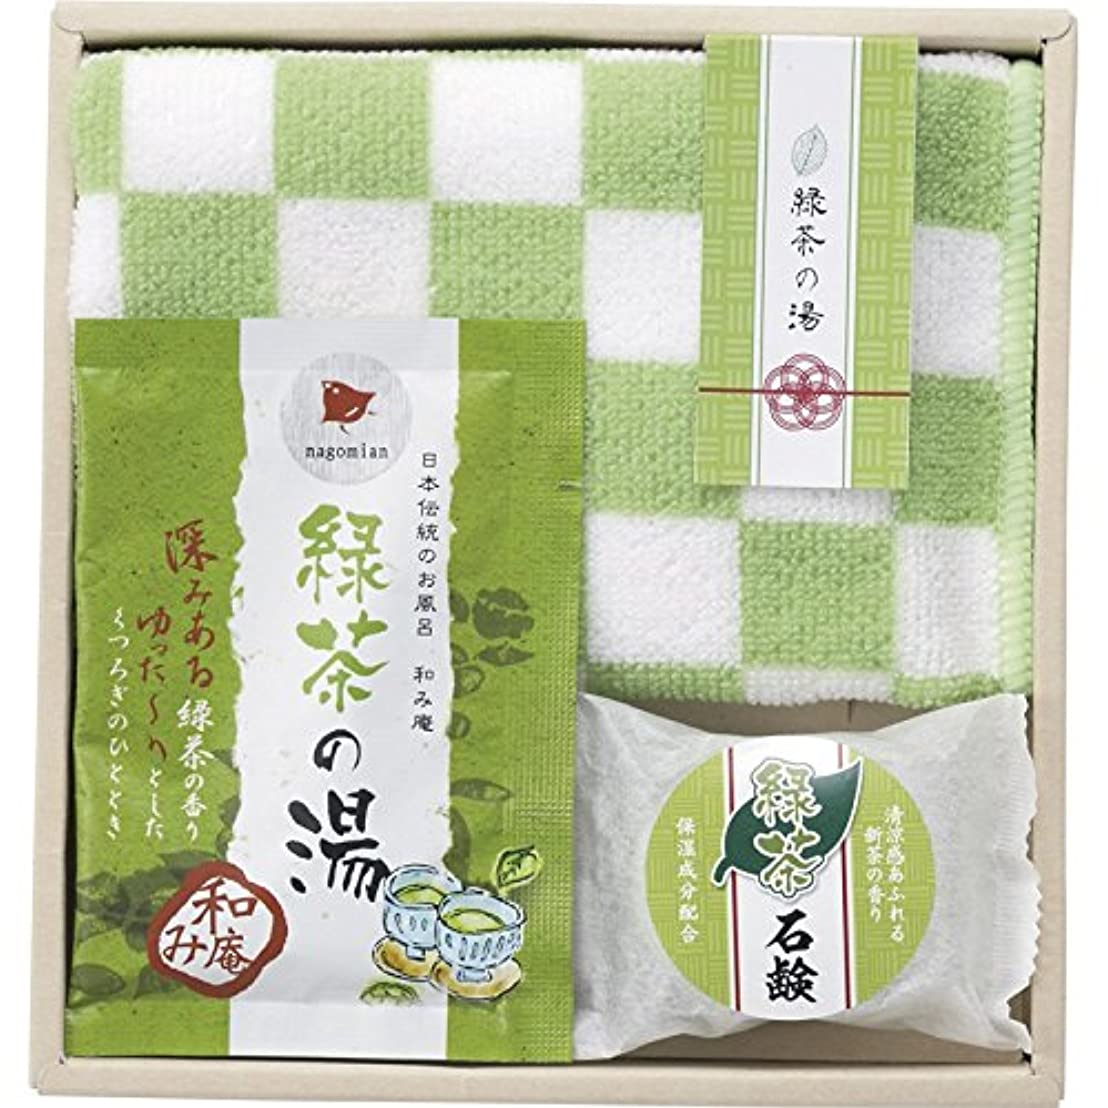 インレイトーク謝る緑茶の湯入浴セット53